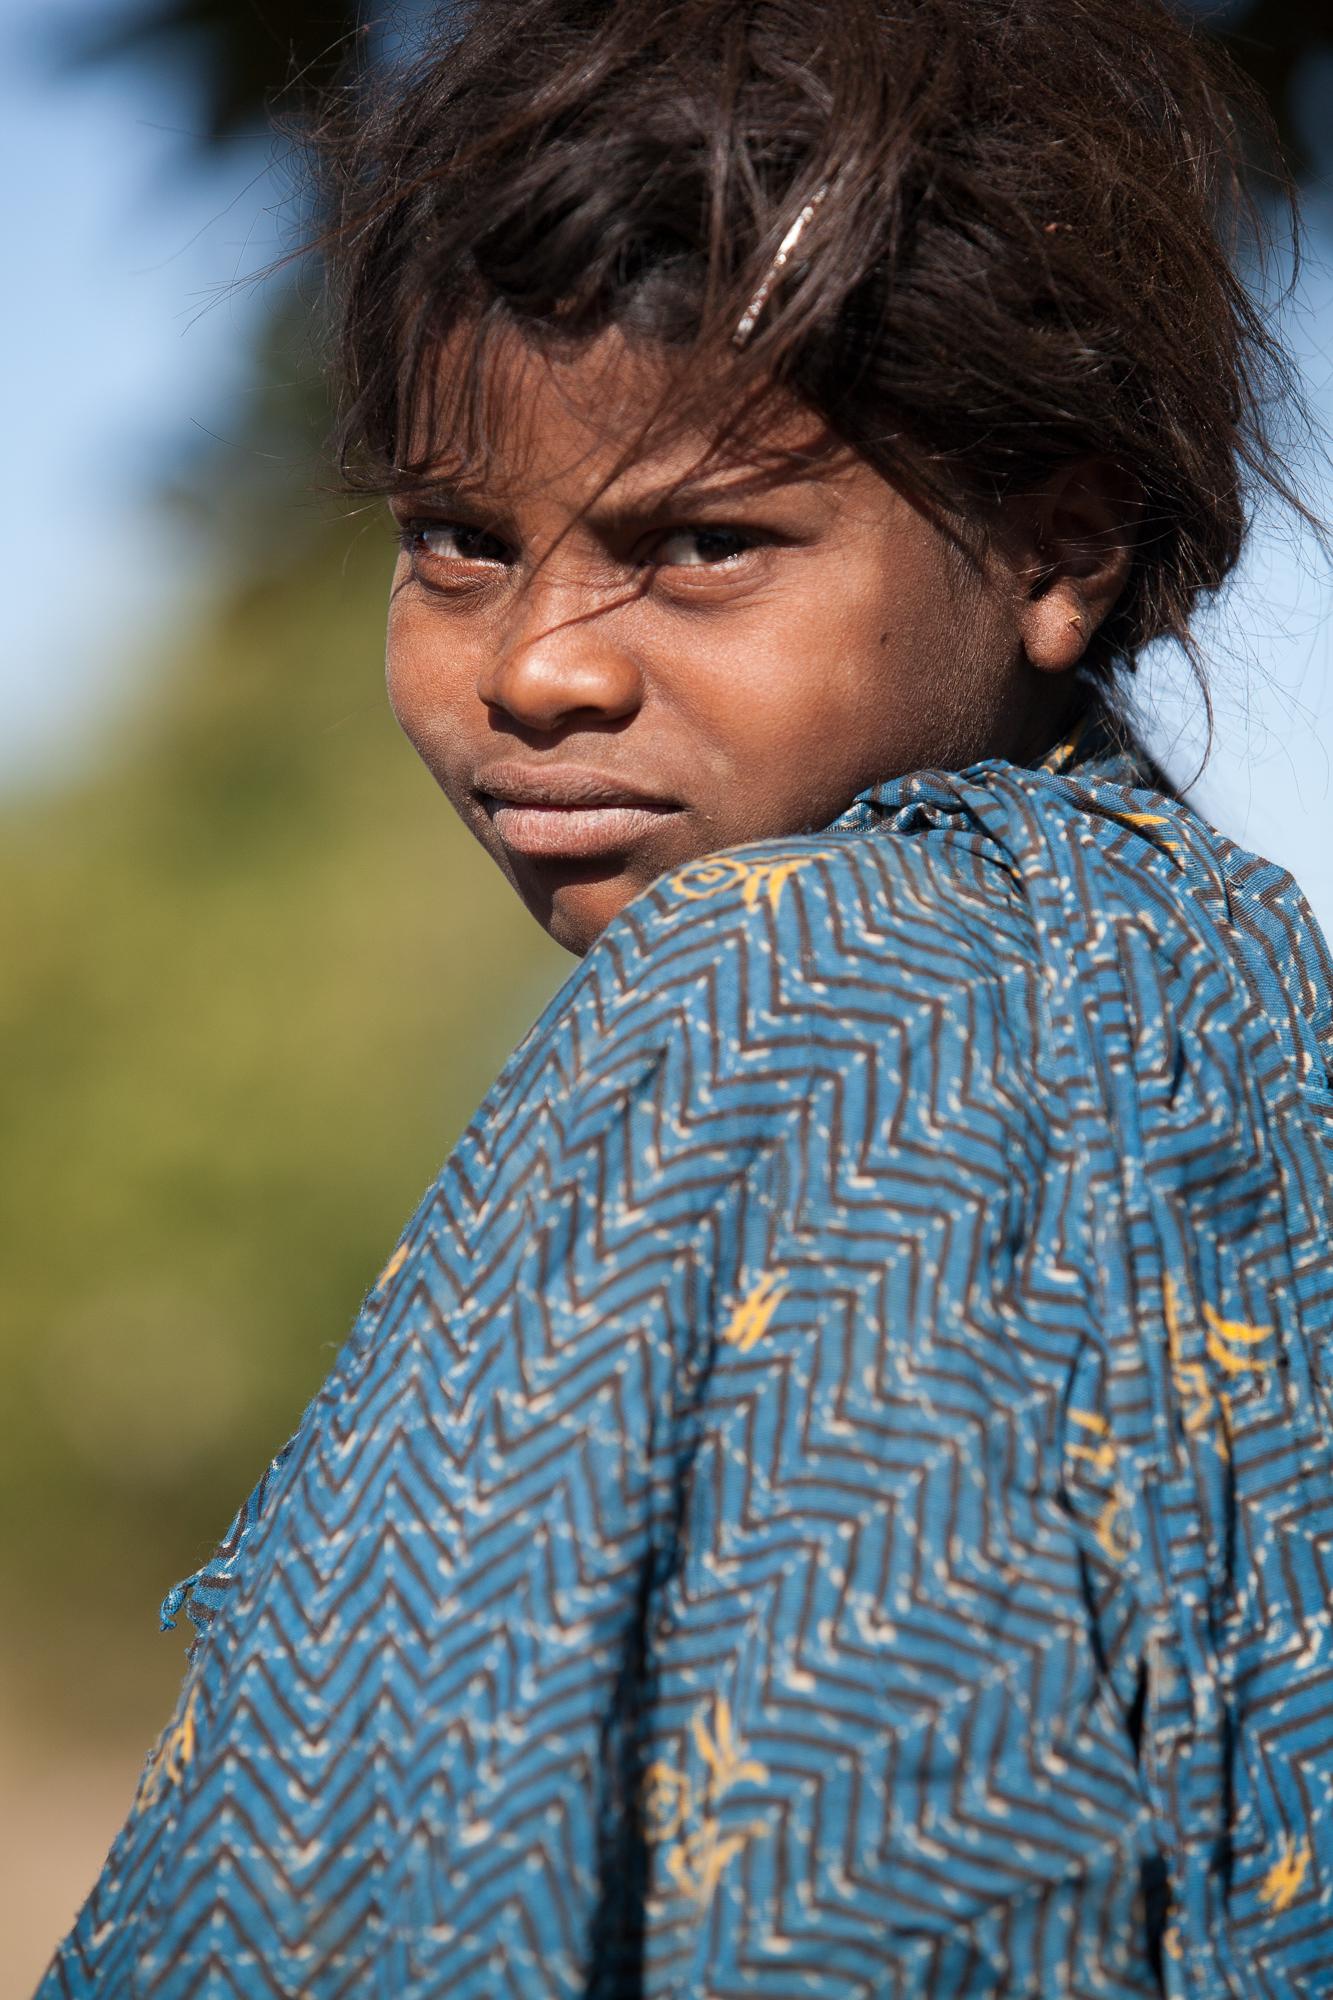 indianindia-14.jpg